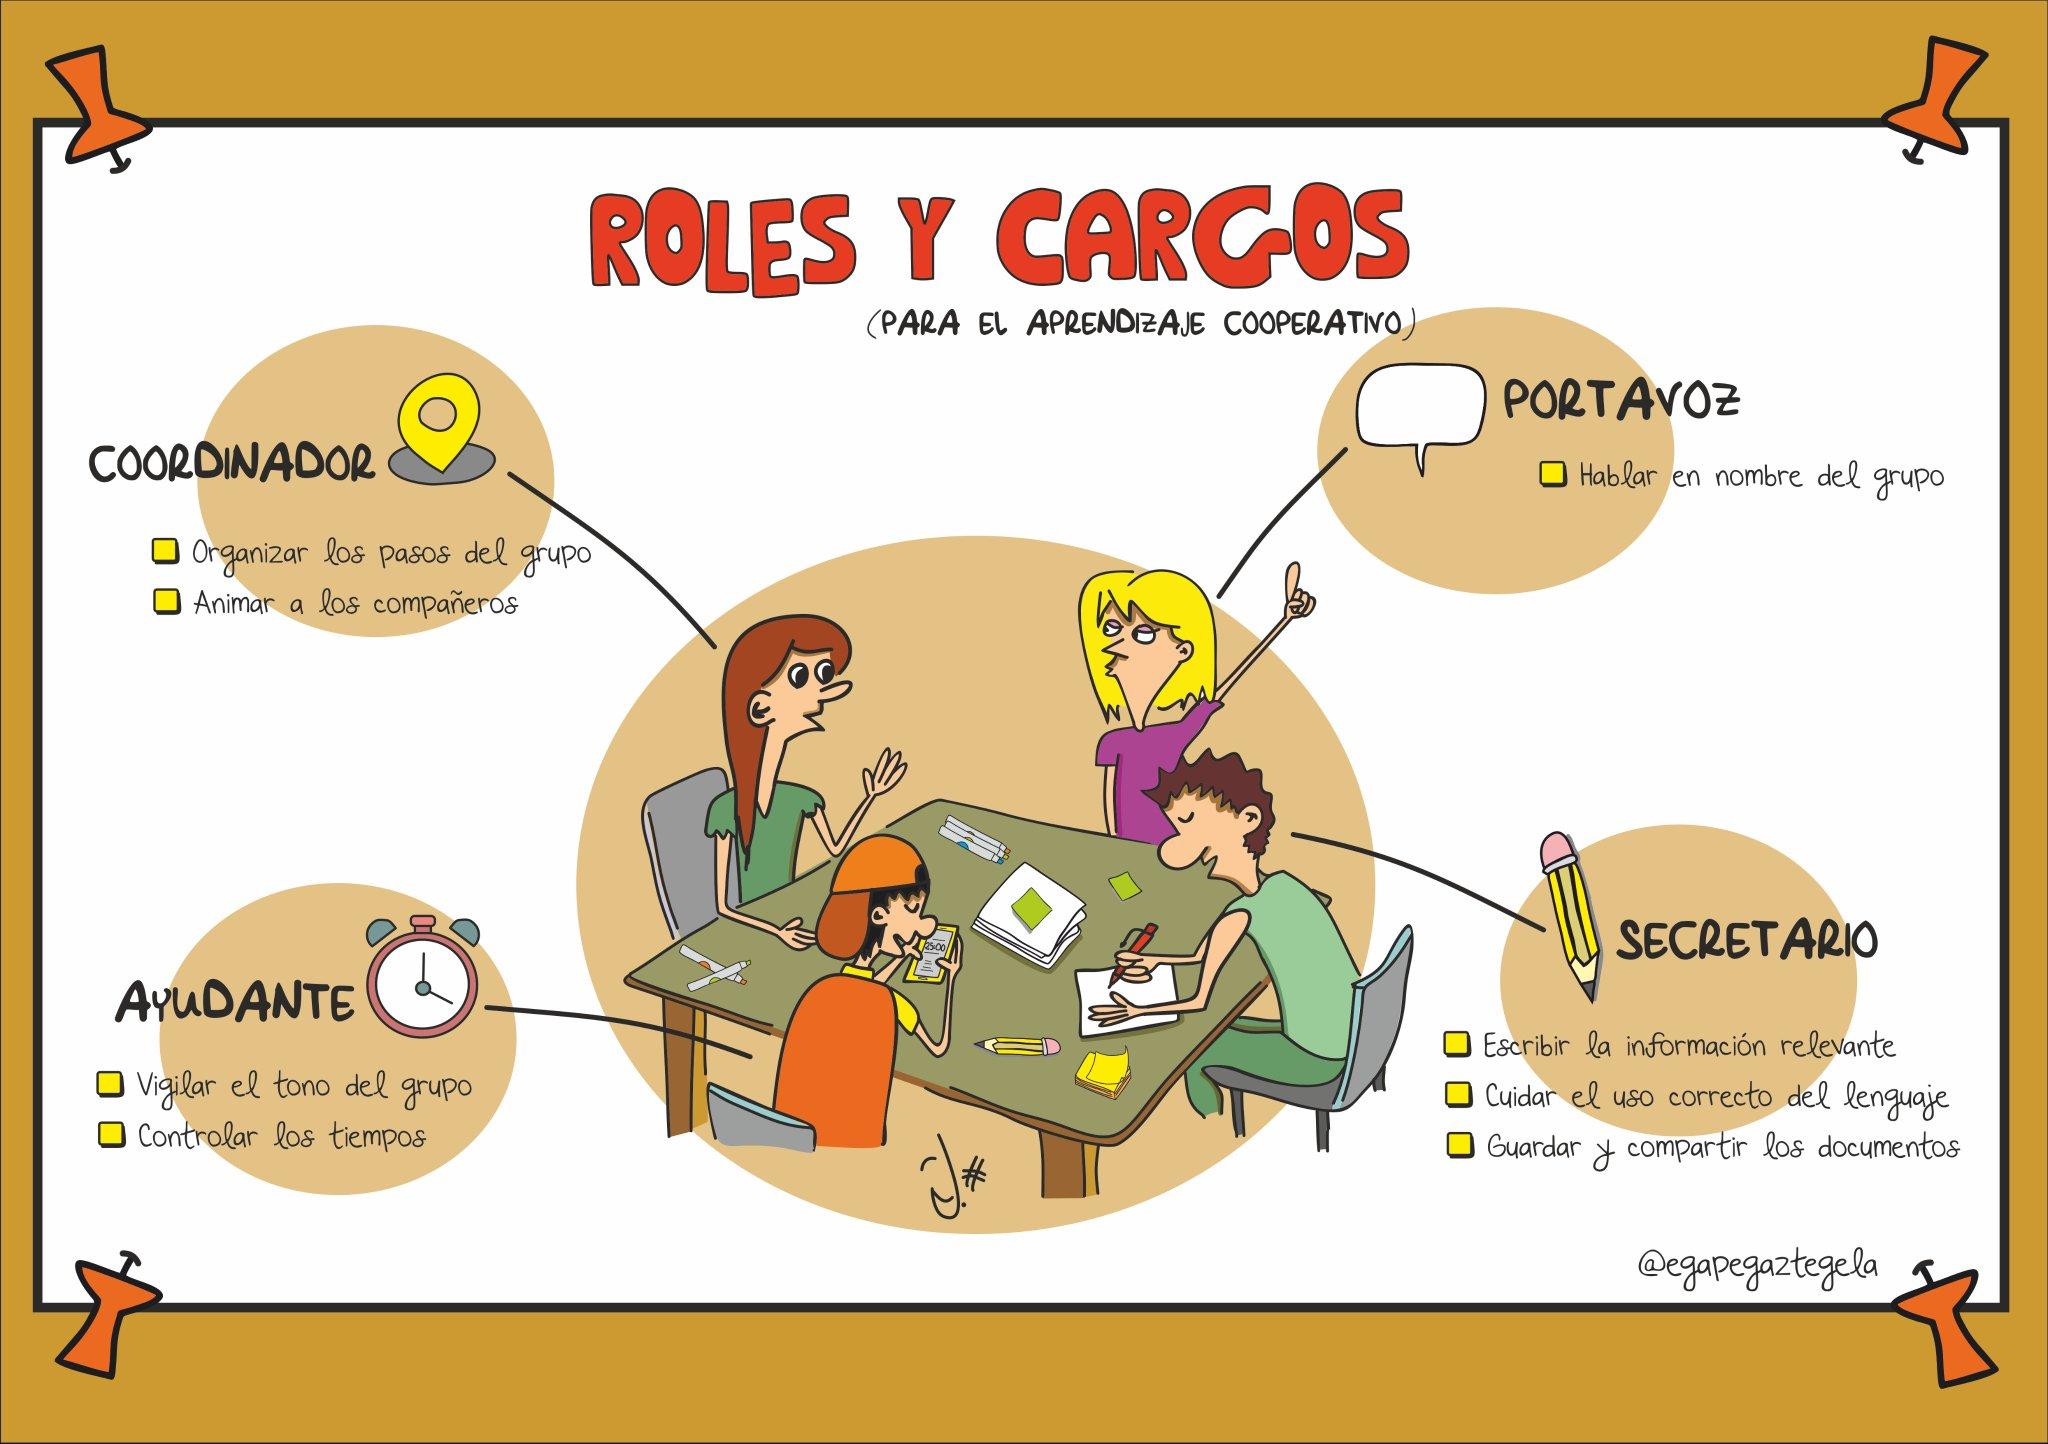 Roles y cargos para grupos cooperativos #infografía #visualthinking https://t.co/MqAXfIC1hR